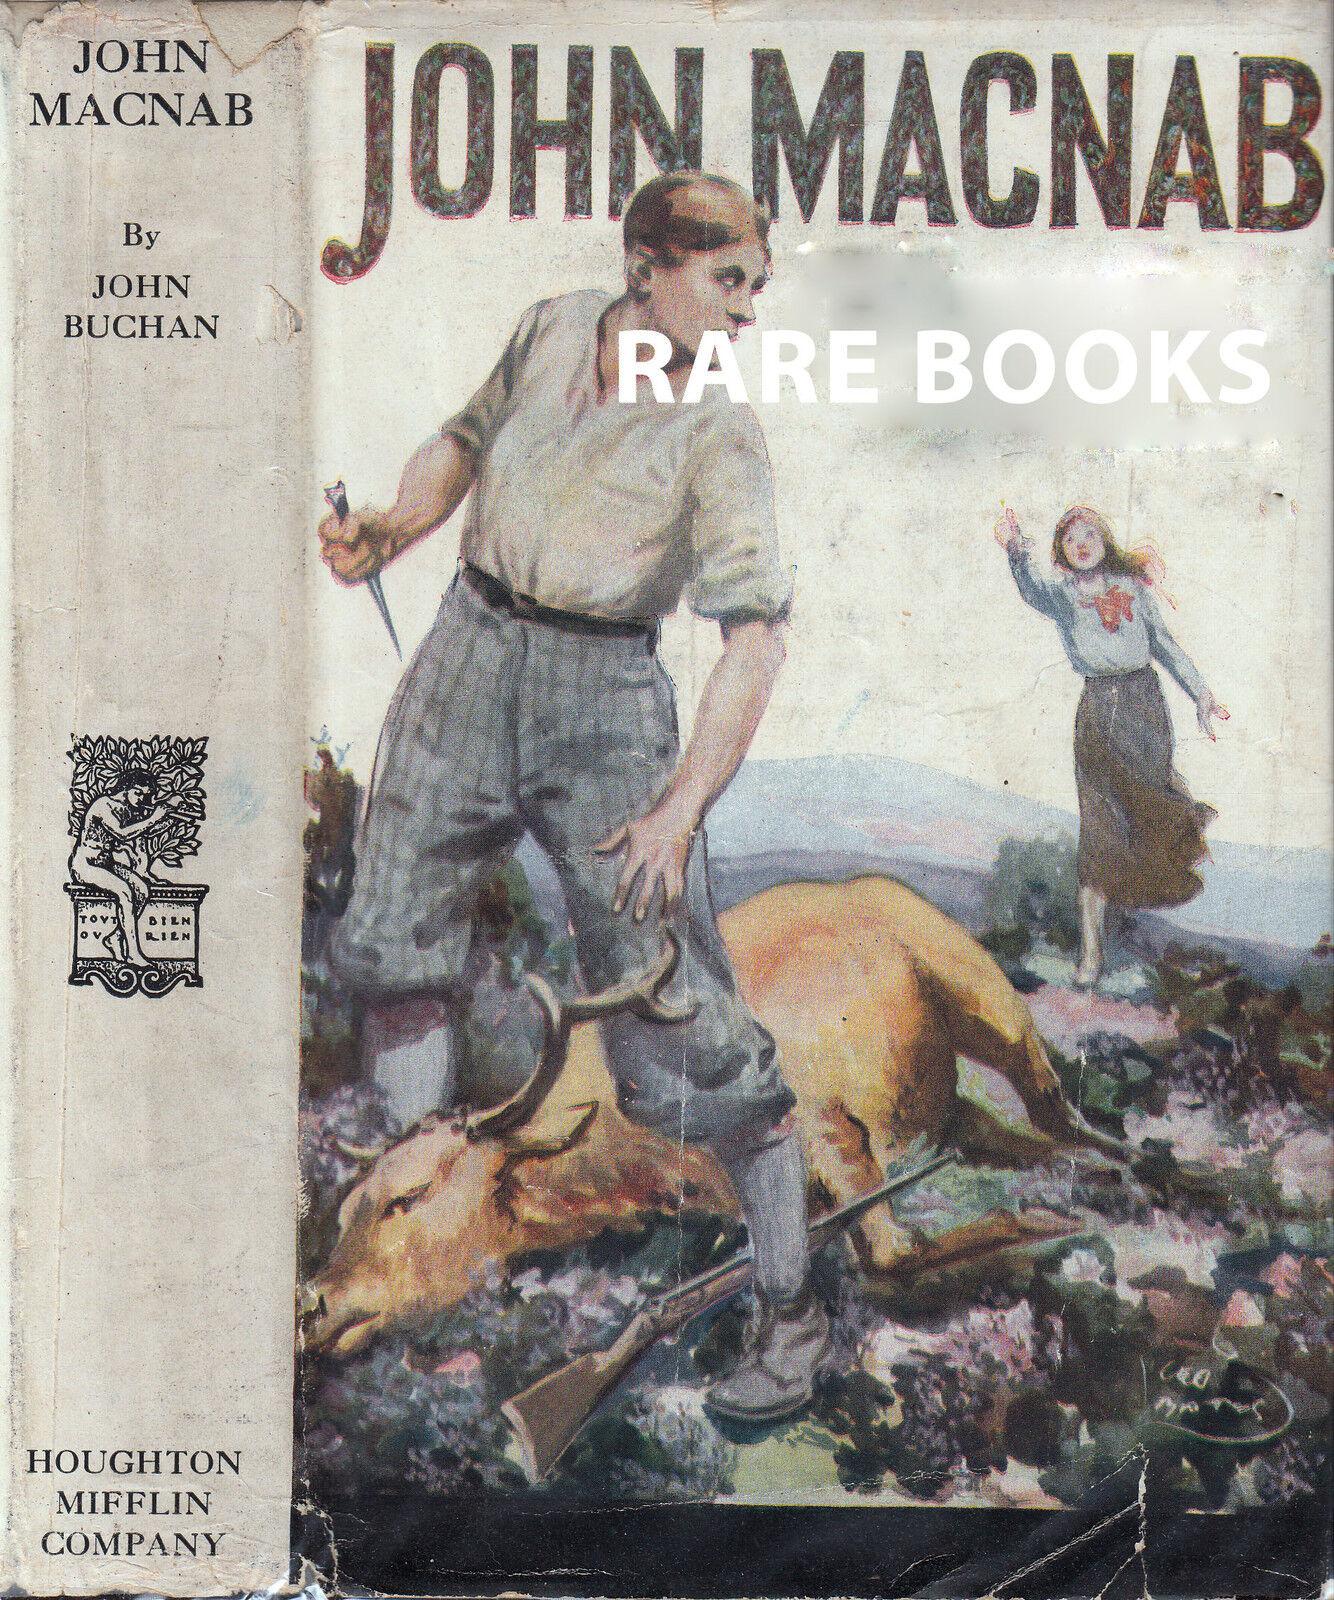 John Macnab Rare Books